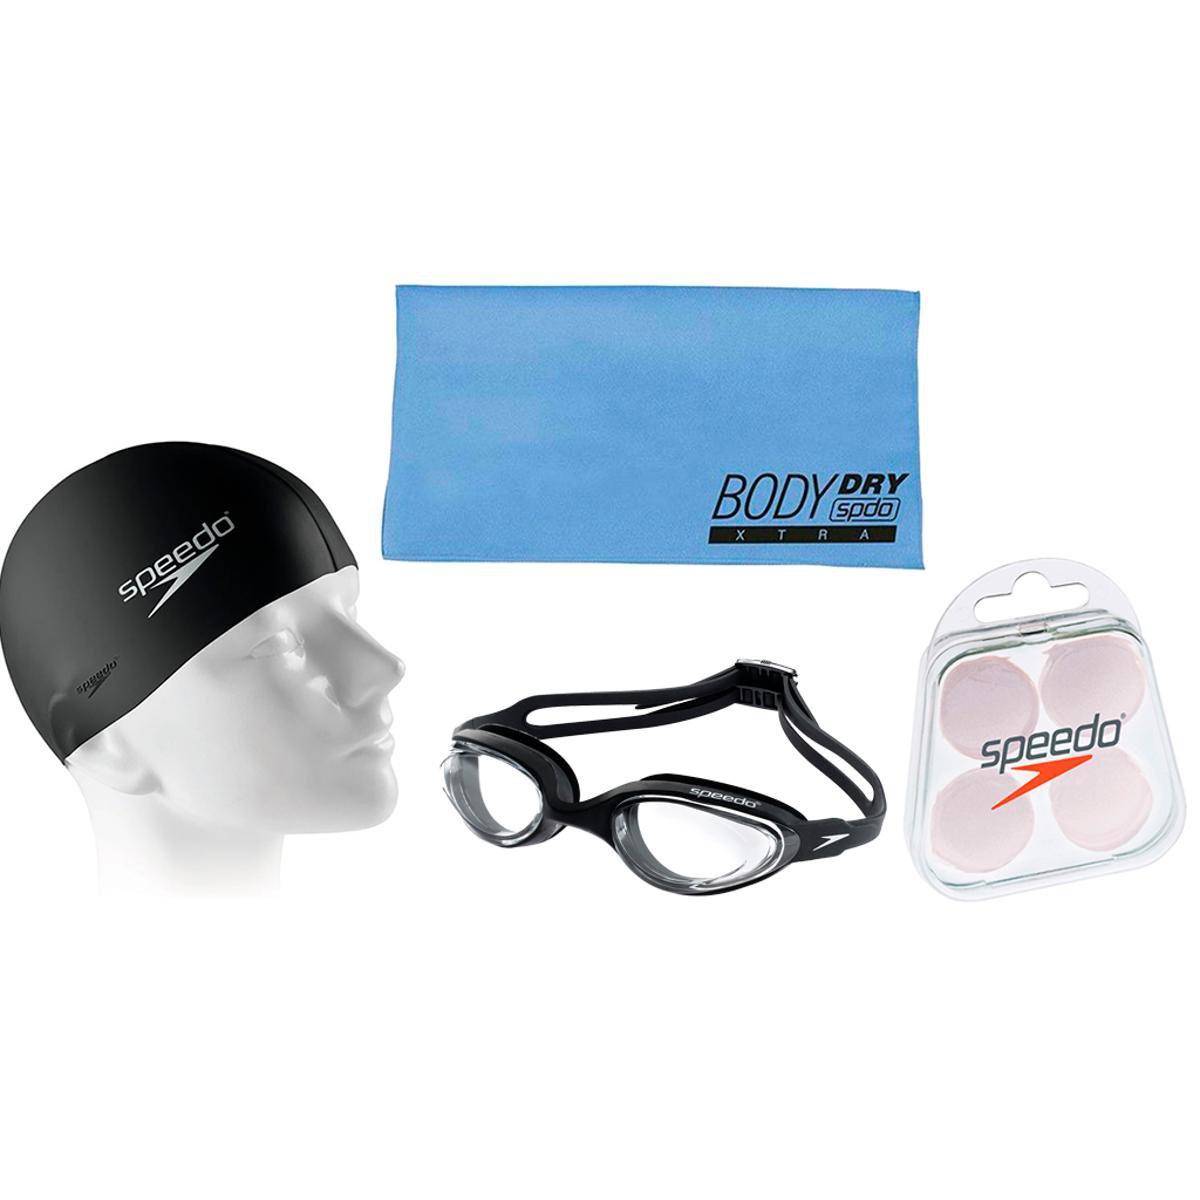 32cd9996b Kit Natação com Óculos Speedo + Toalha + Protetor + Touca - Compre Agora